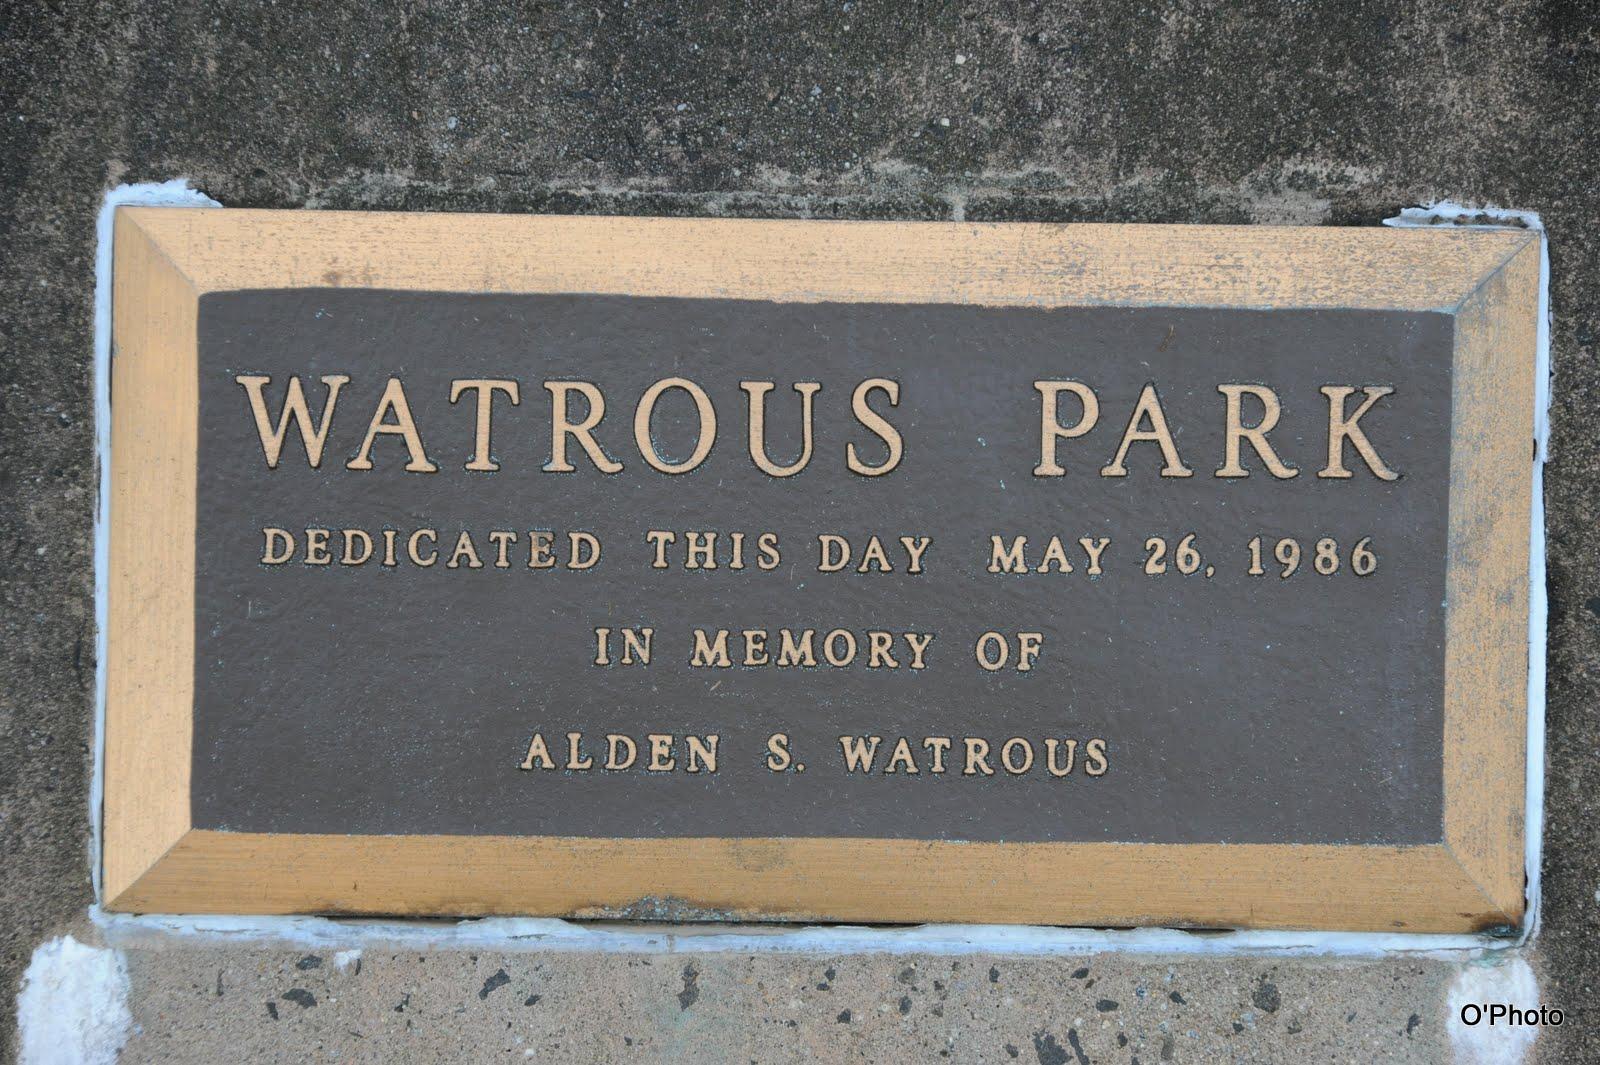 Watrous Park